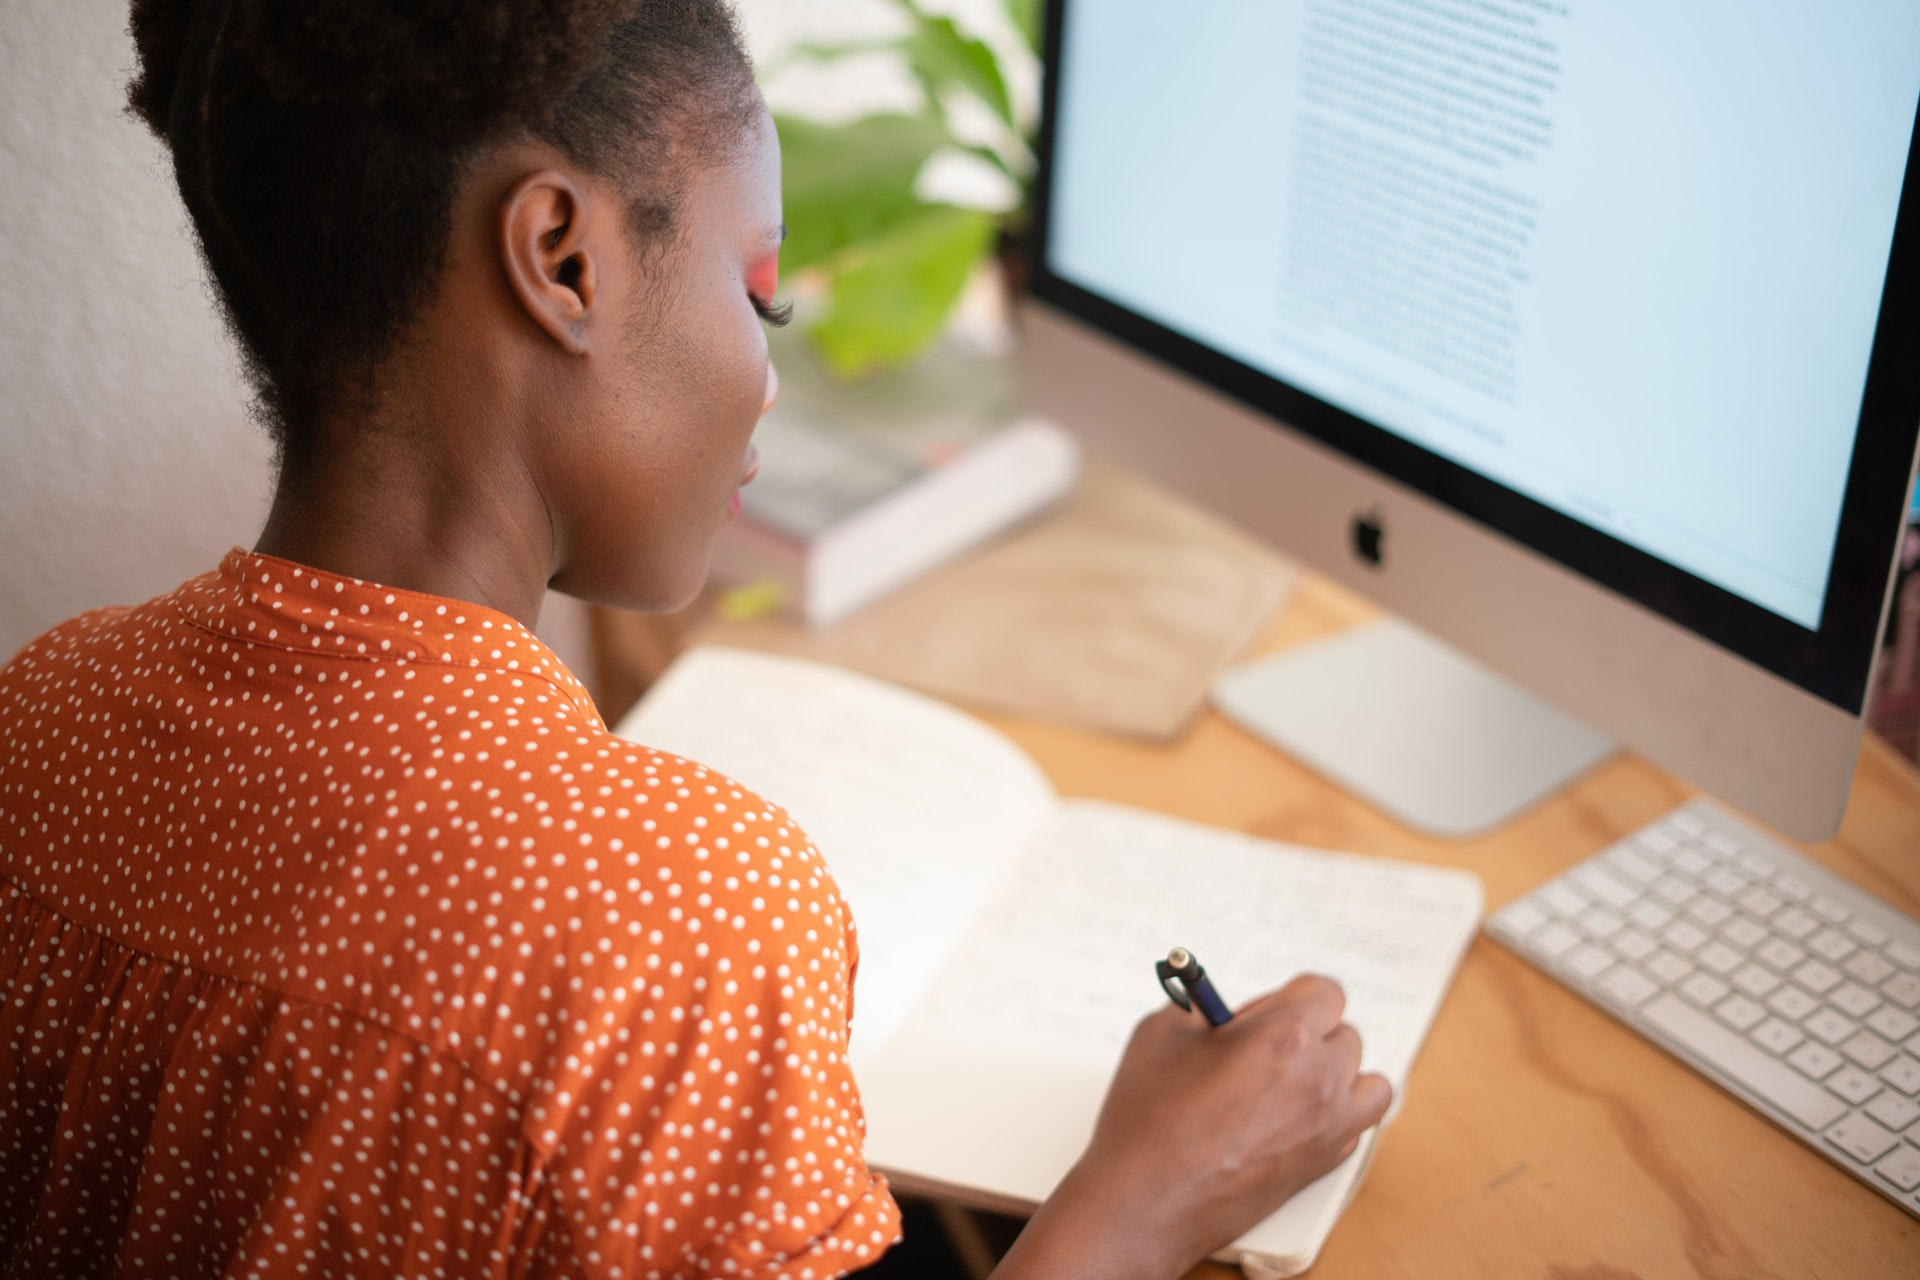 Vemos uma mulher fazendo anotações em um caderno em frente a um computador (imagem ilustrativa). Texto: franquia boa e barata.